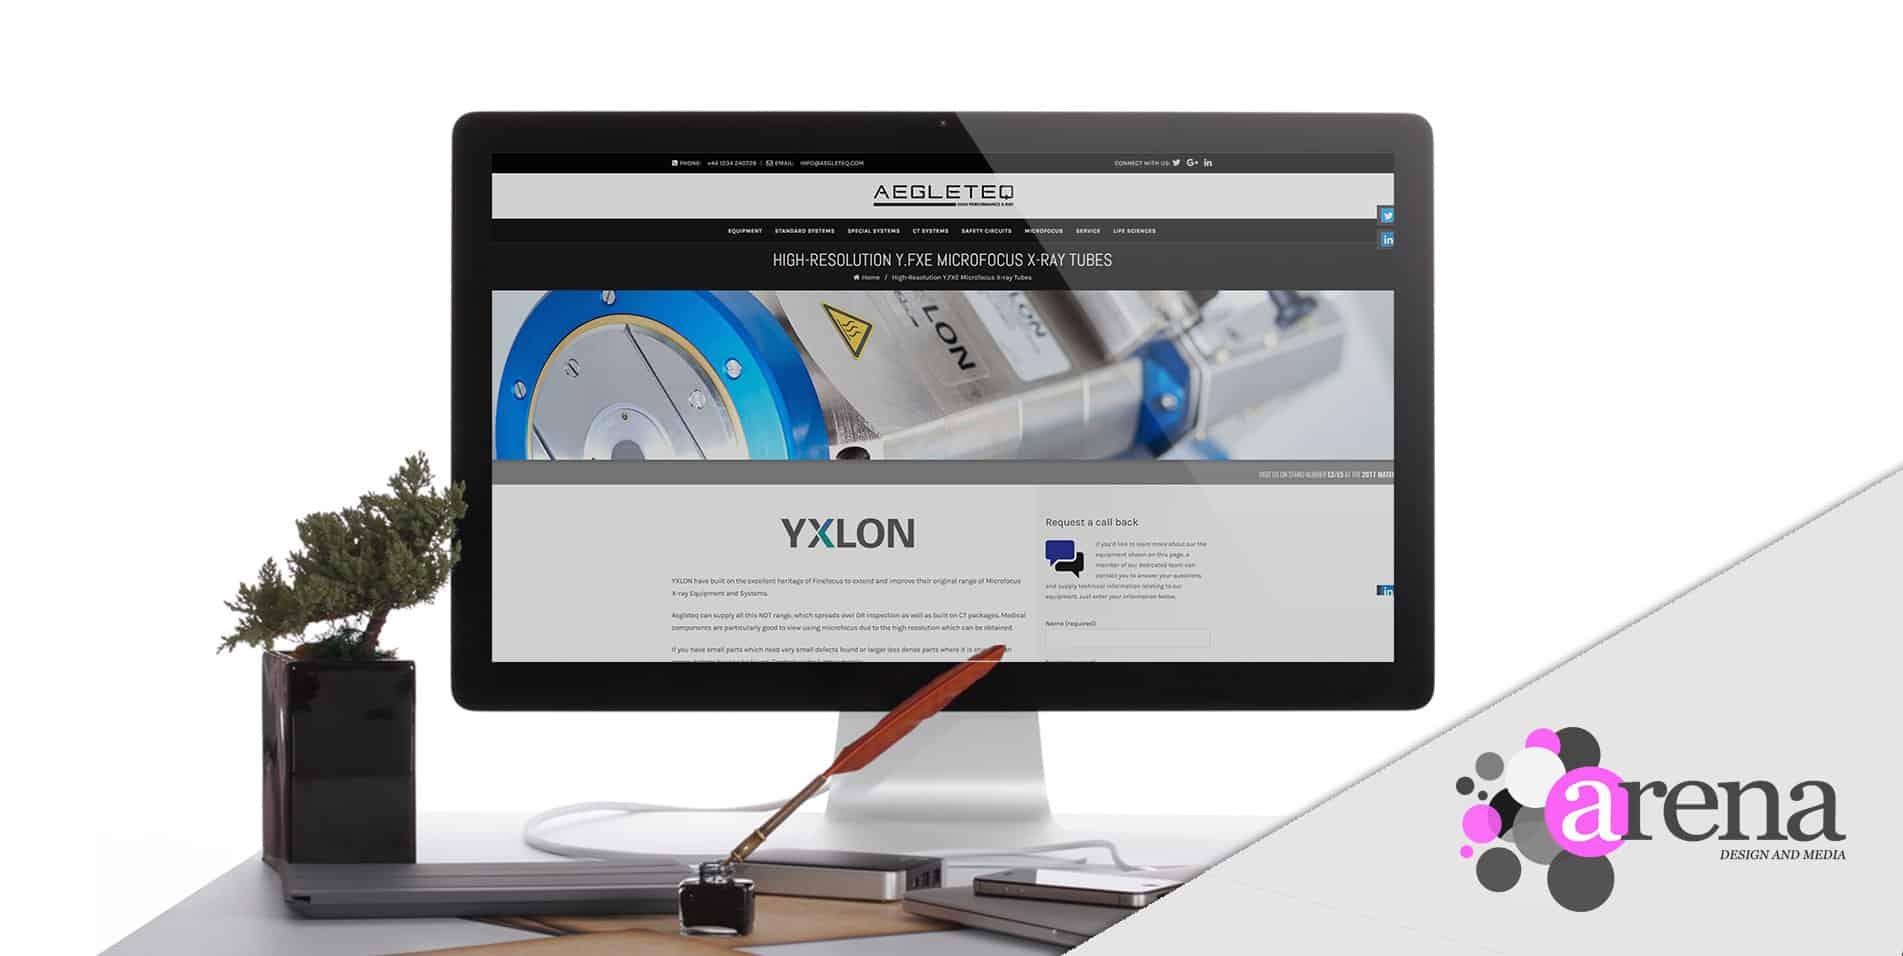 Aegleteq website design portfolio cover